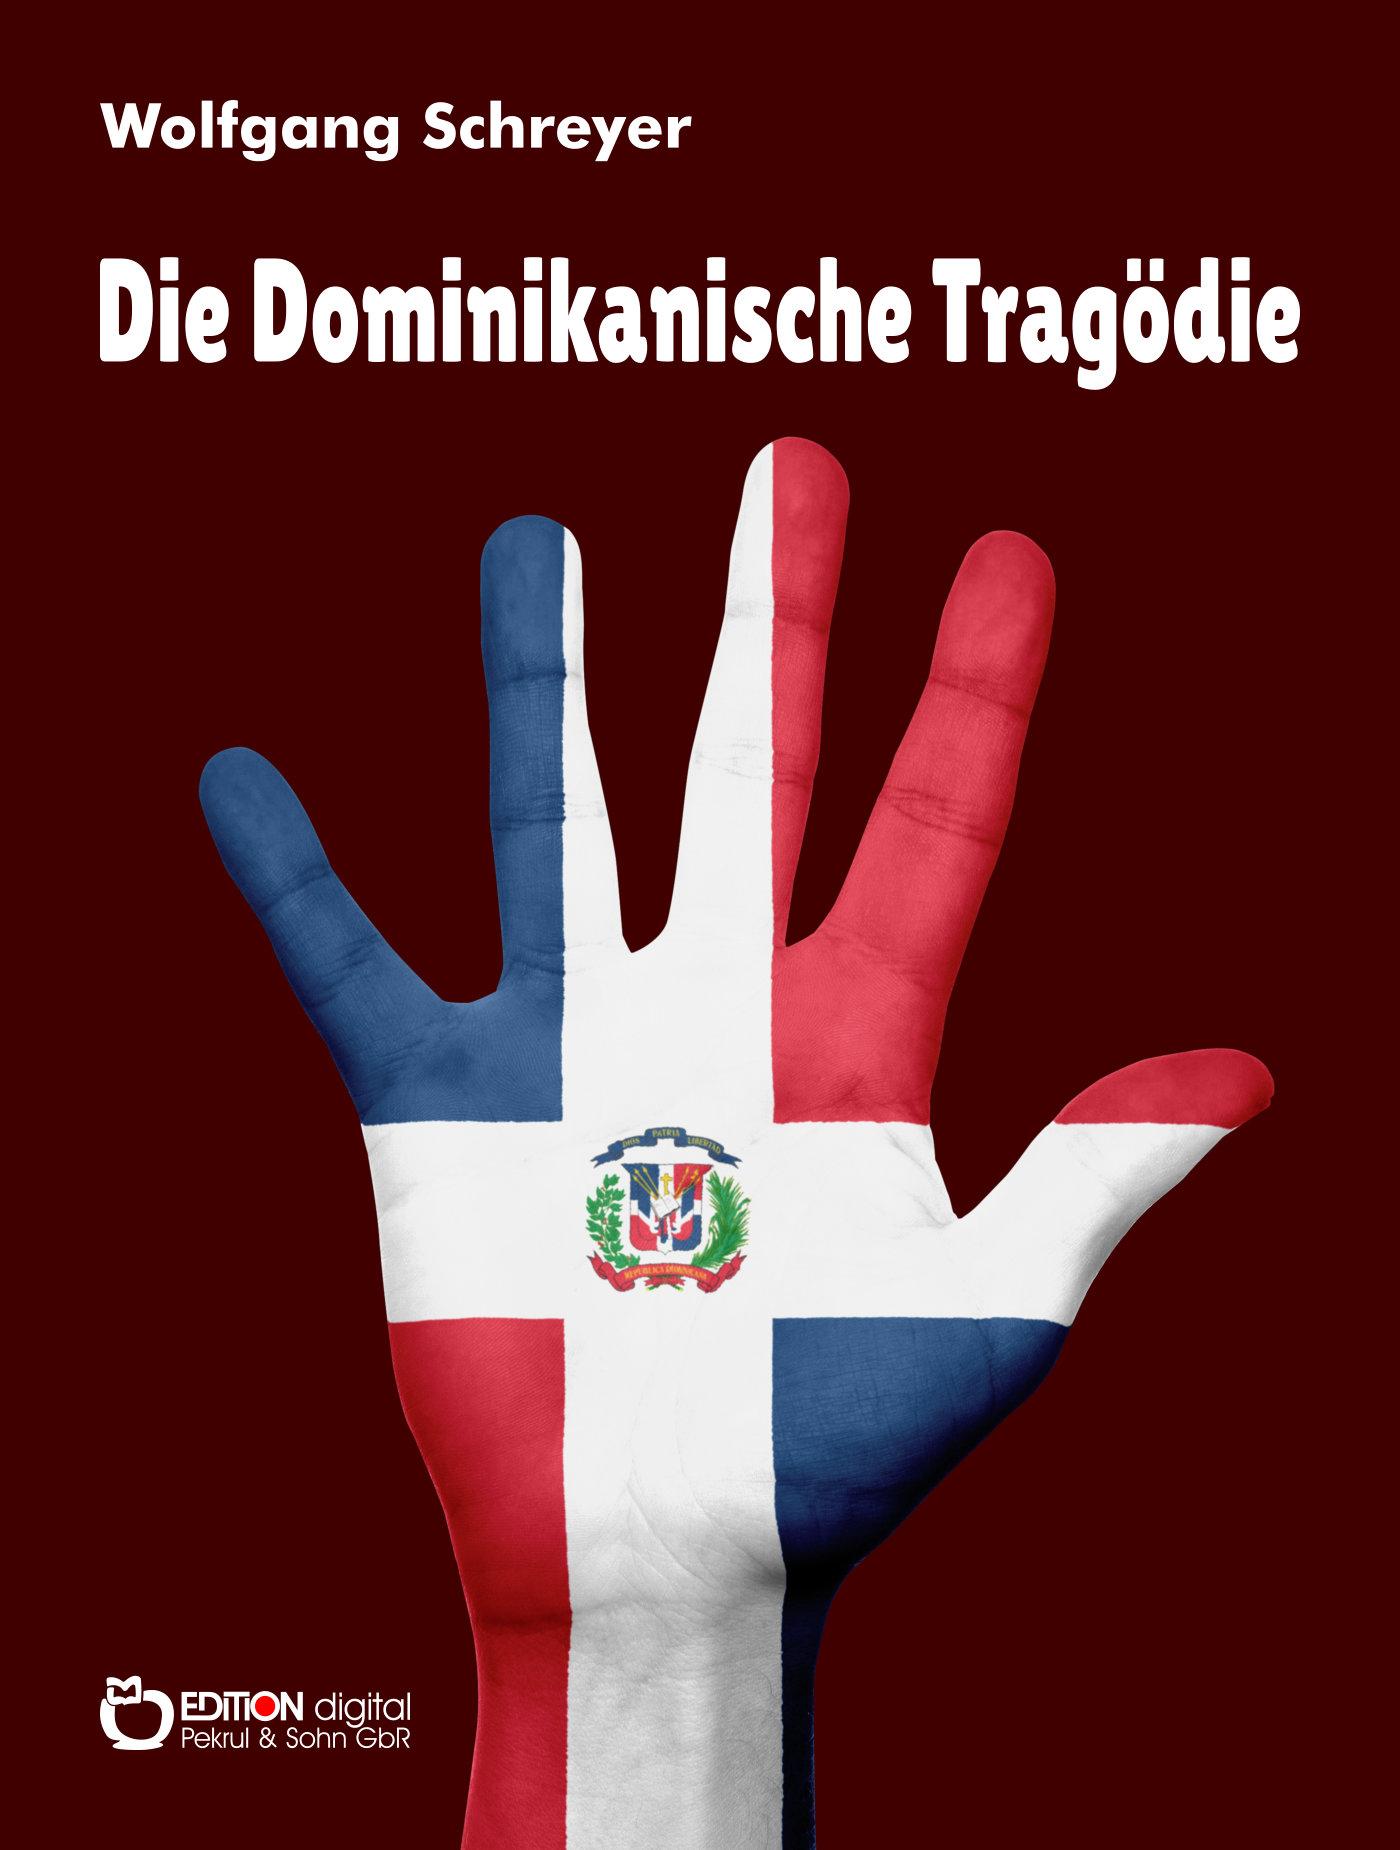 Die Dominikanische Tragödie von Wolfgang Schreyer